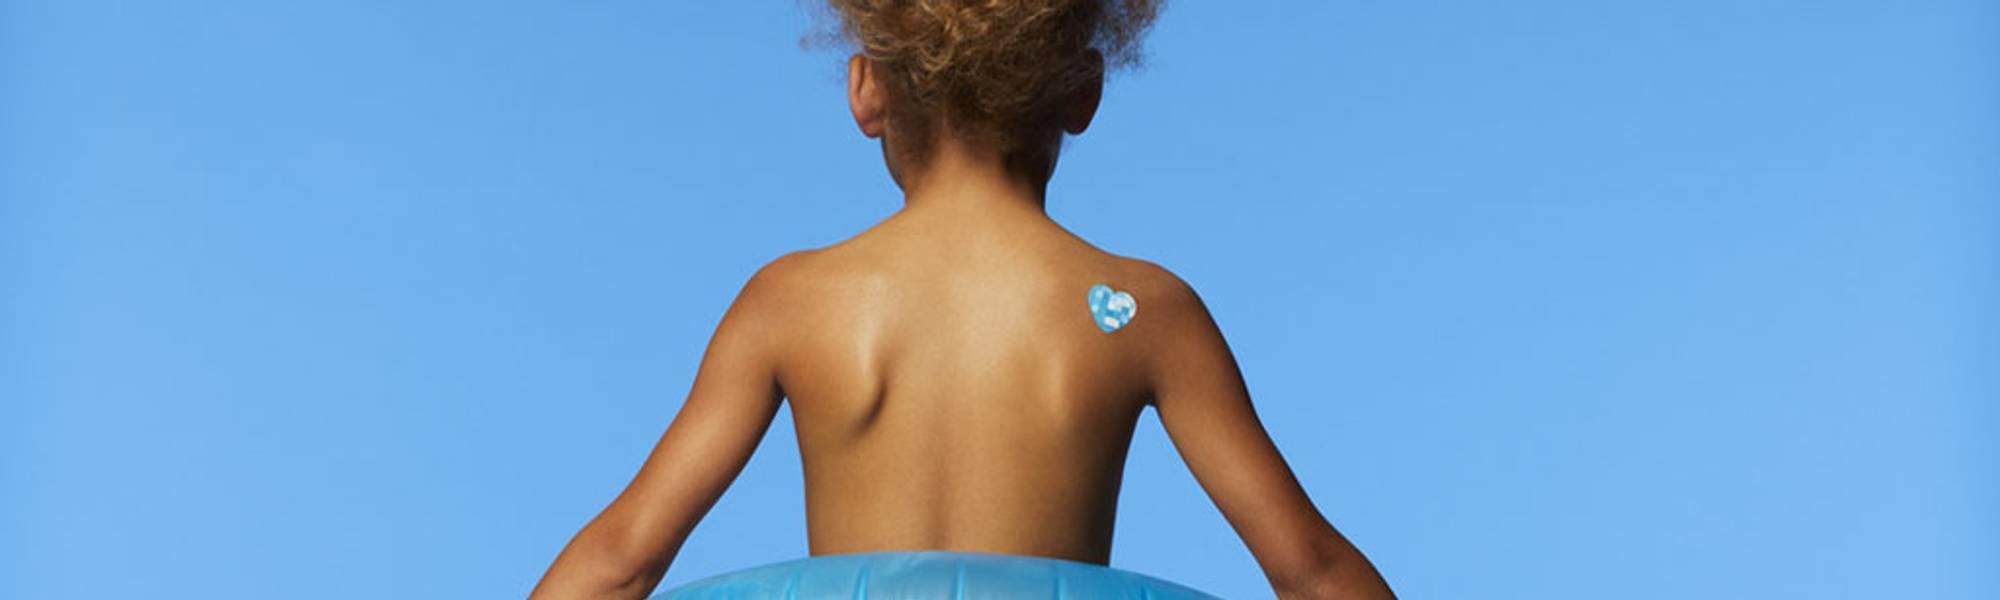 Larocheposay ArticlePage Solskyddsmedel för barn Hur man skyddar barn